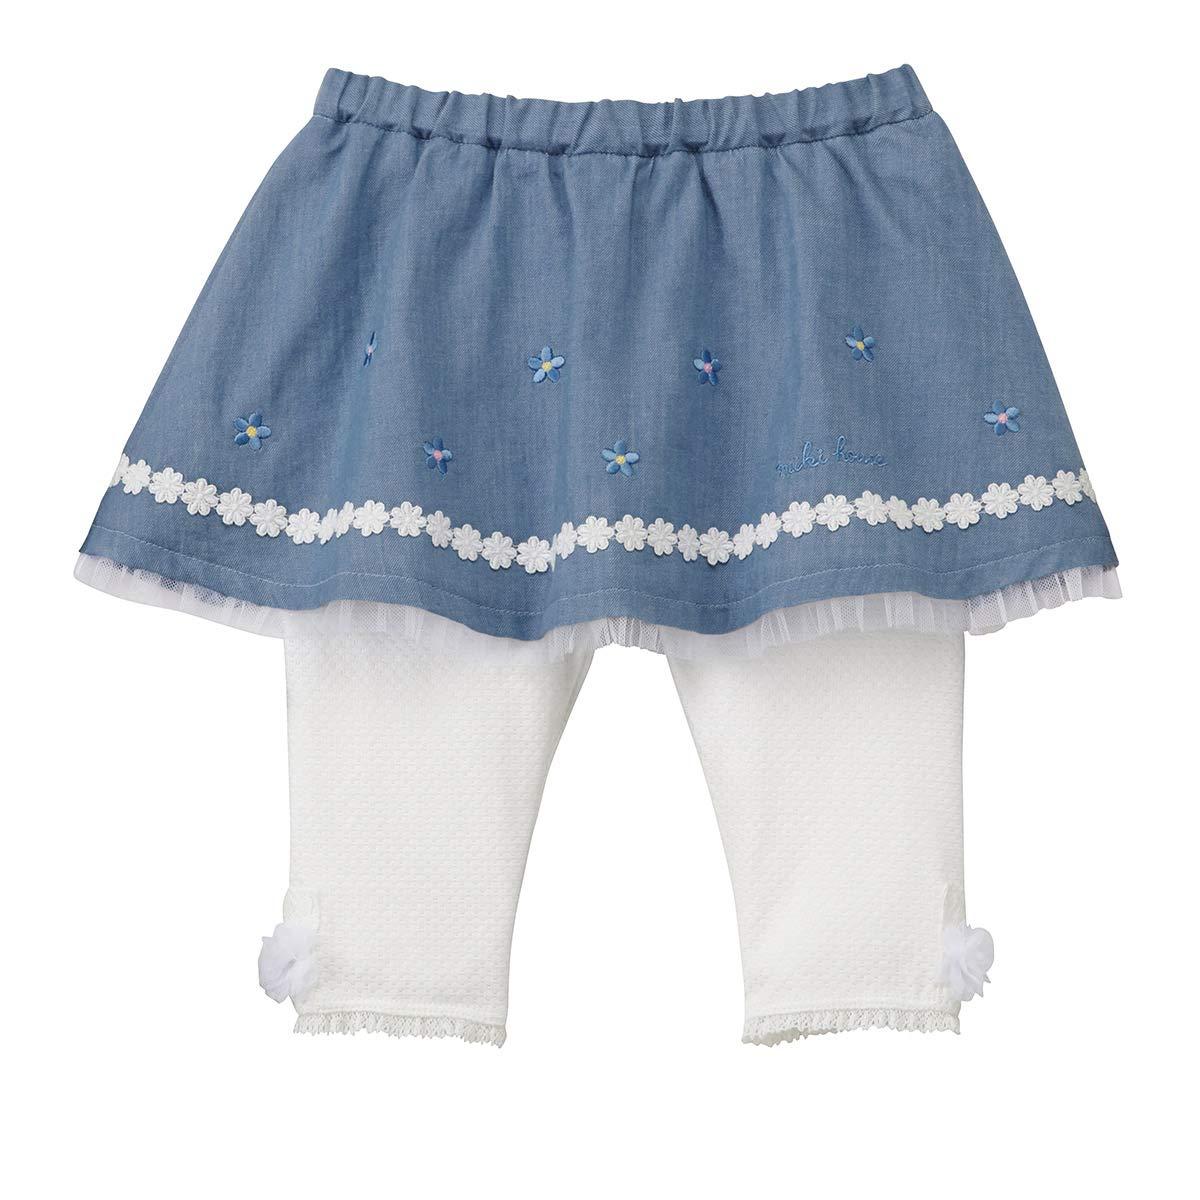 ミキハウス (MIKIHOUSE) スカート付パンツ 12-3202-457 120cm ブルー 120 ブルー B07KK45XCM